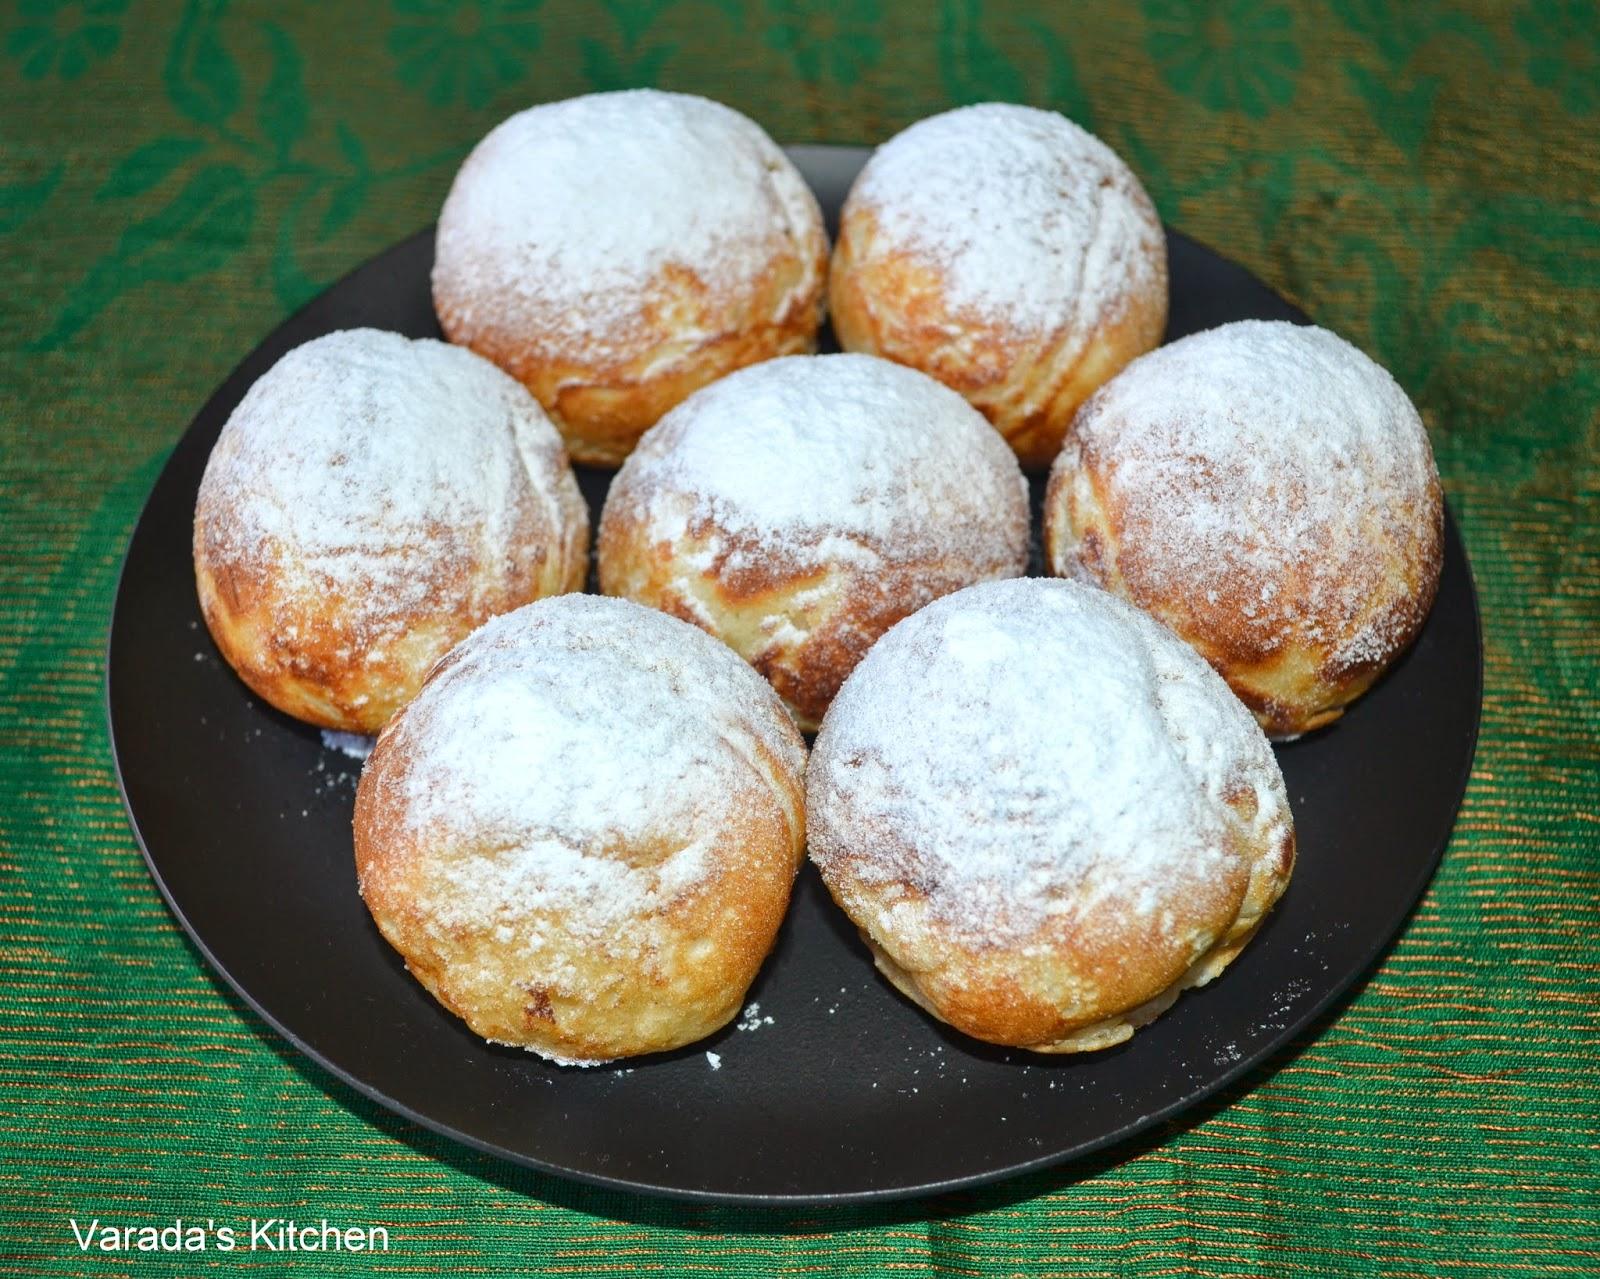 Varada's Kitchen: Æbleskiver